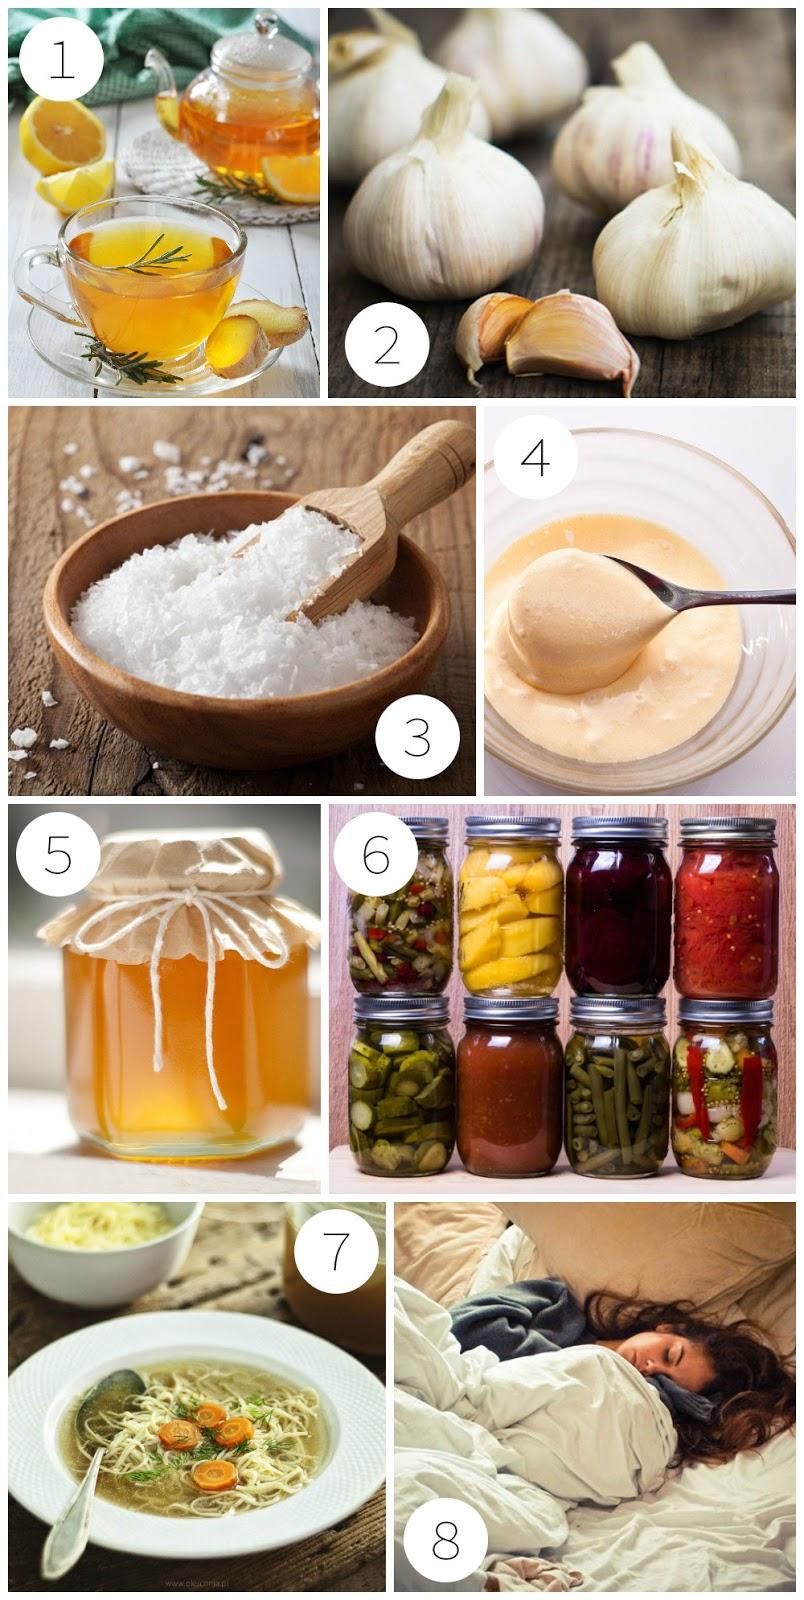 omowe sposoby na przeziębienie, grypę, ból gardła i chrypkę